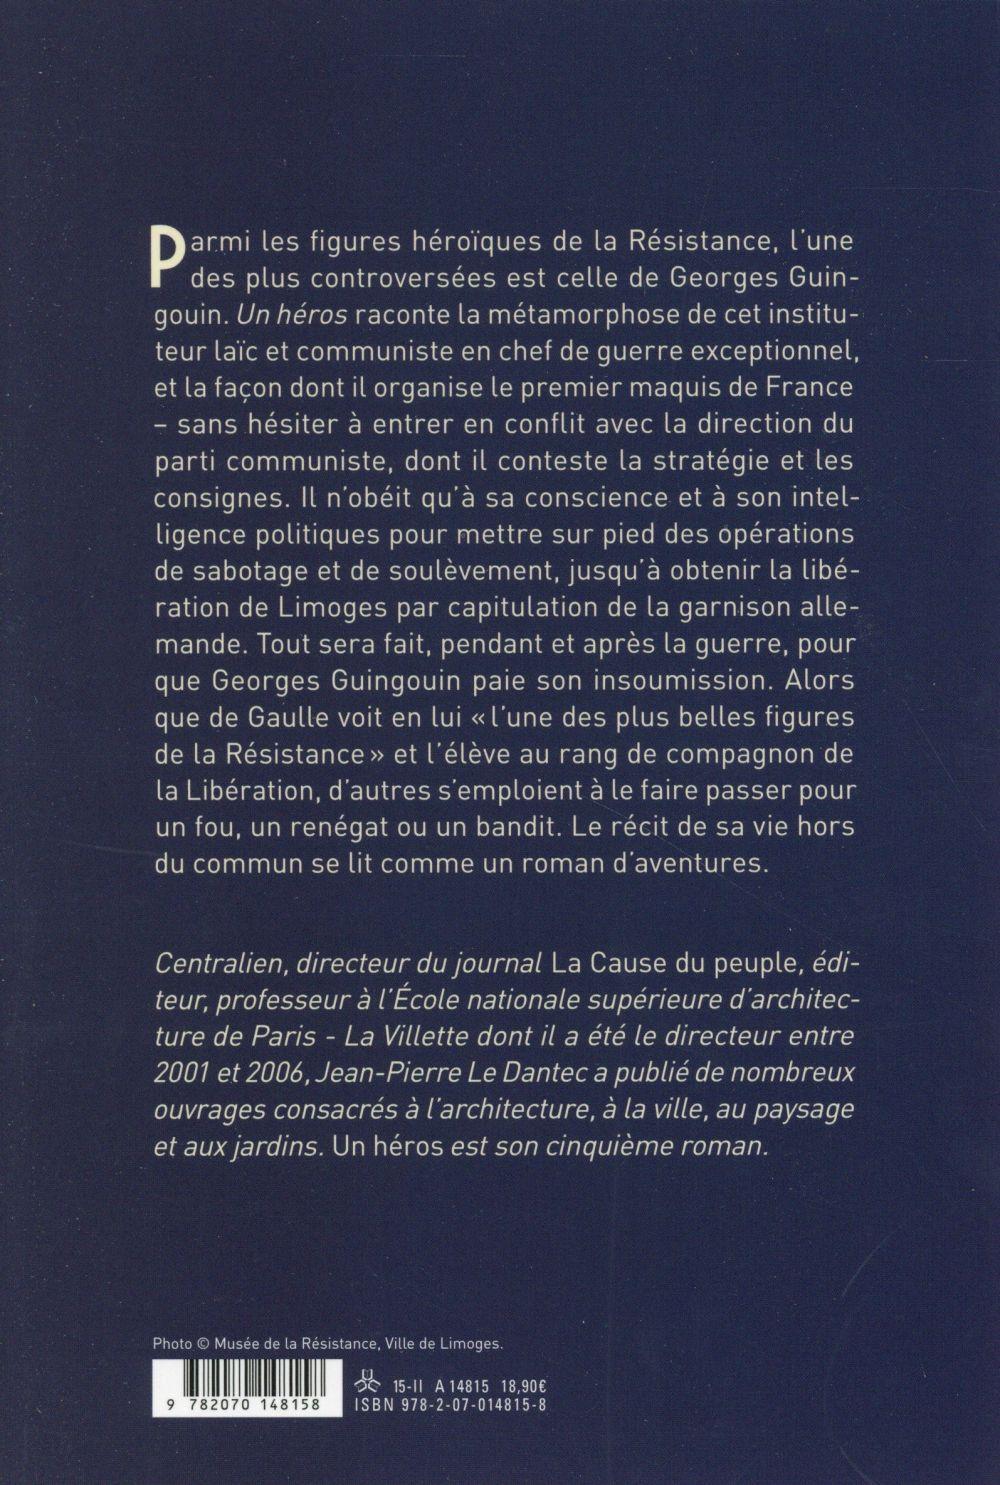 Un héros ; vie et mort de Georges Guingouin